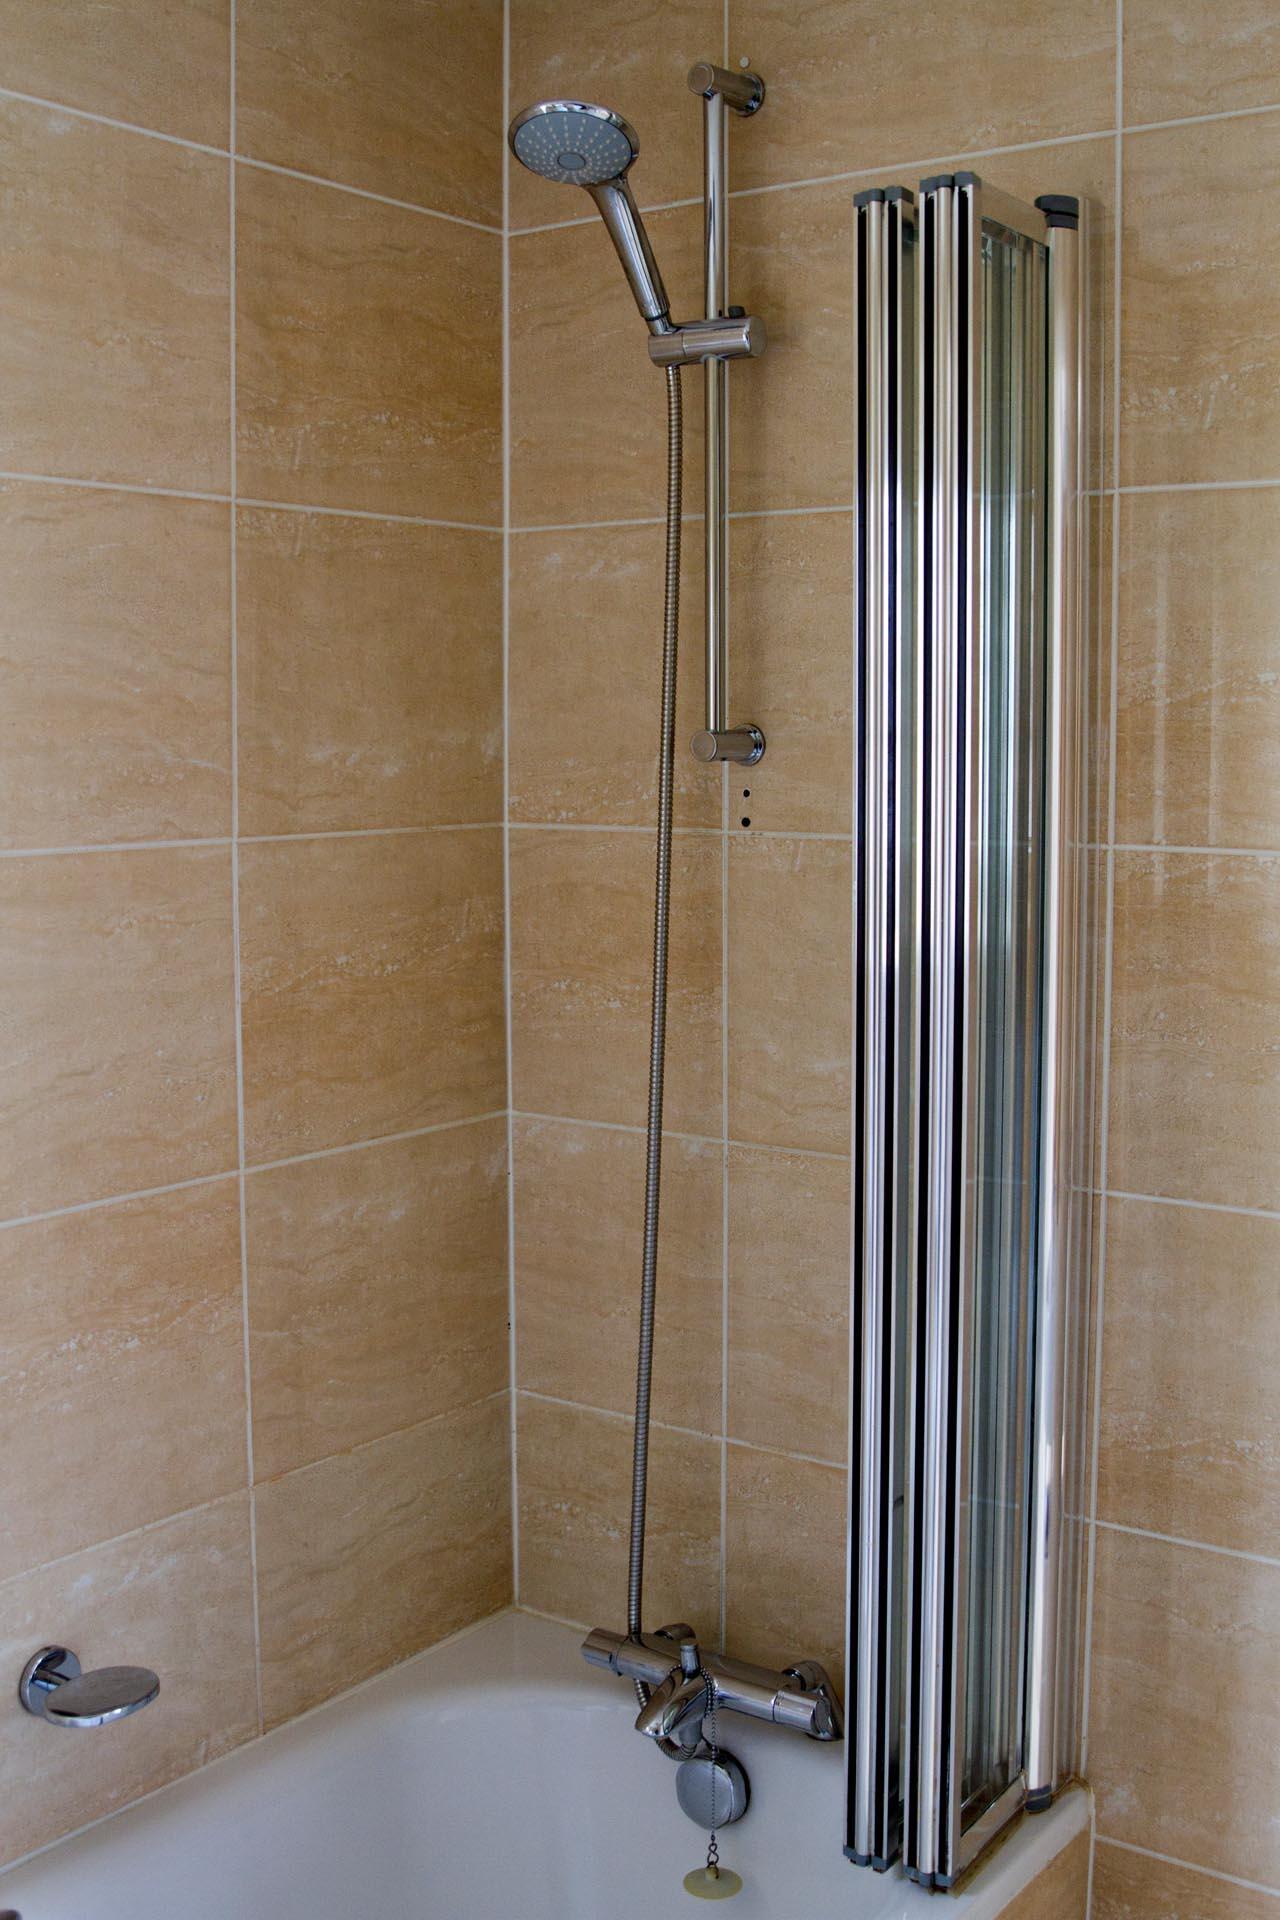 Standard Double Room bath at Barn Hotel Ruislip near London